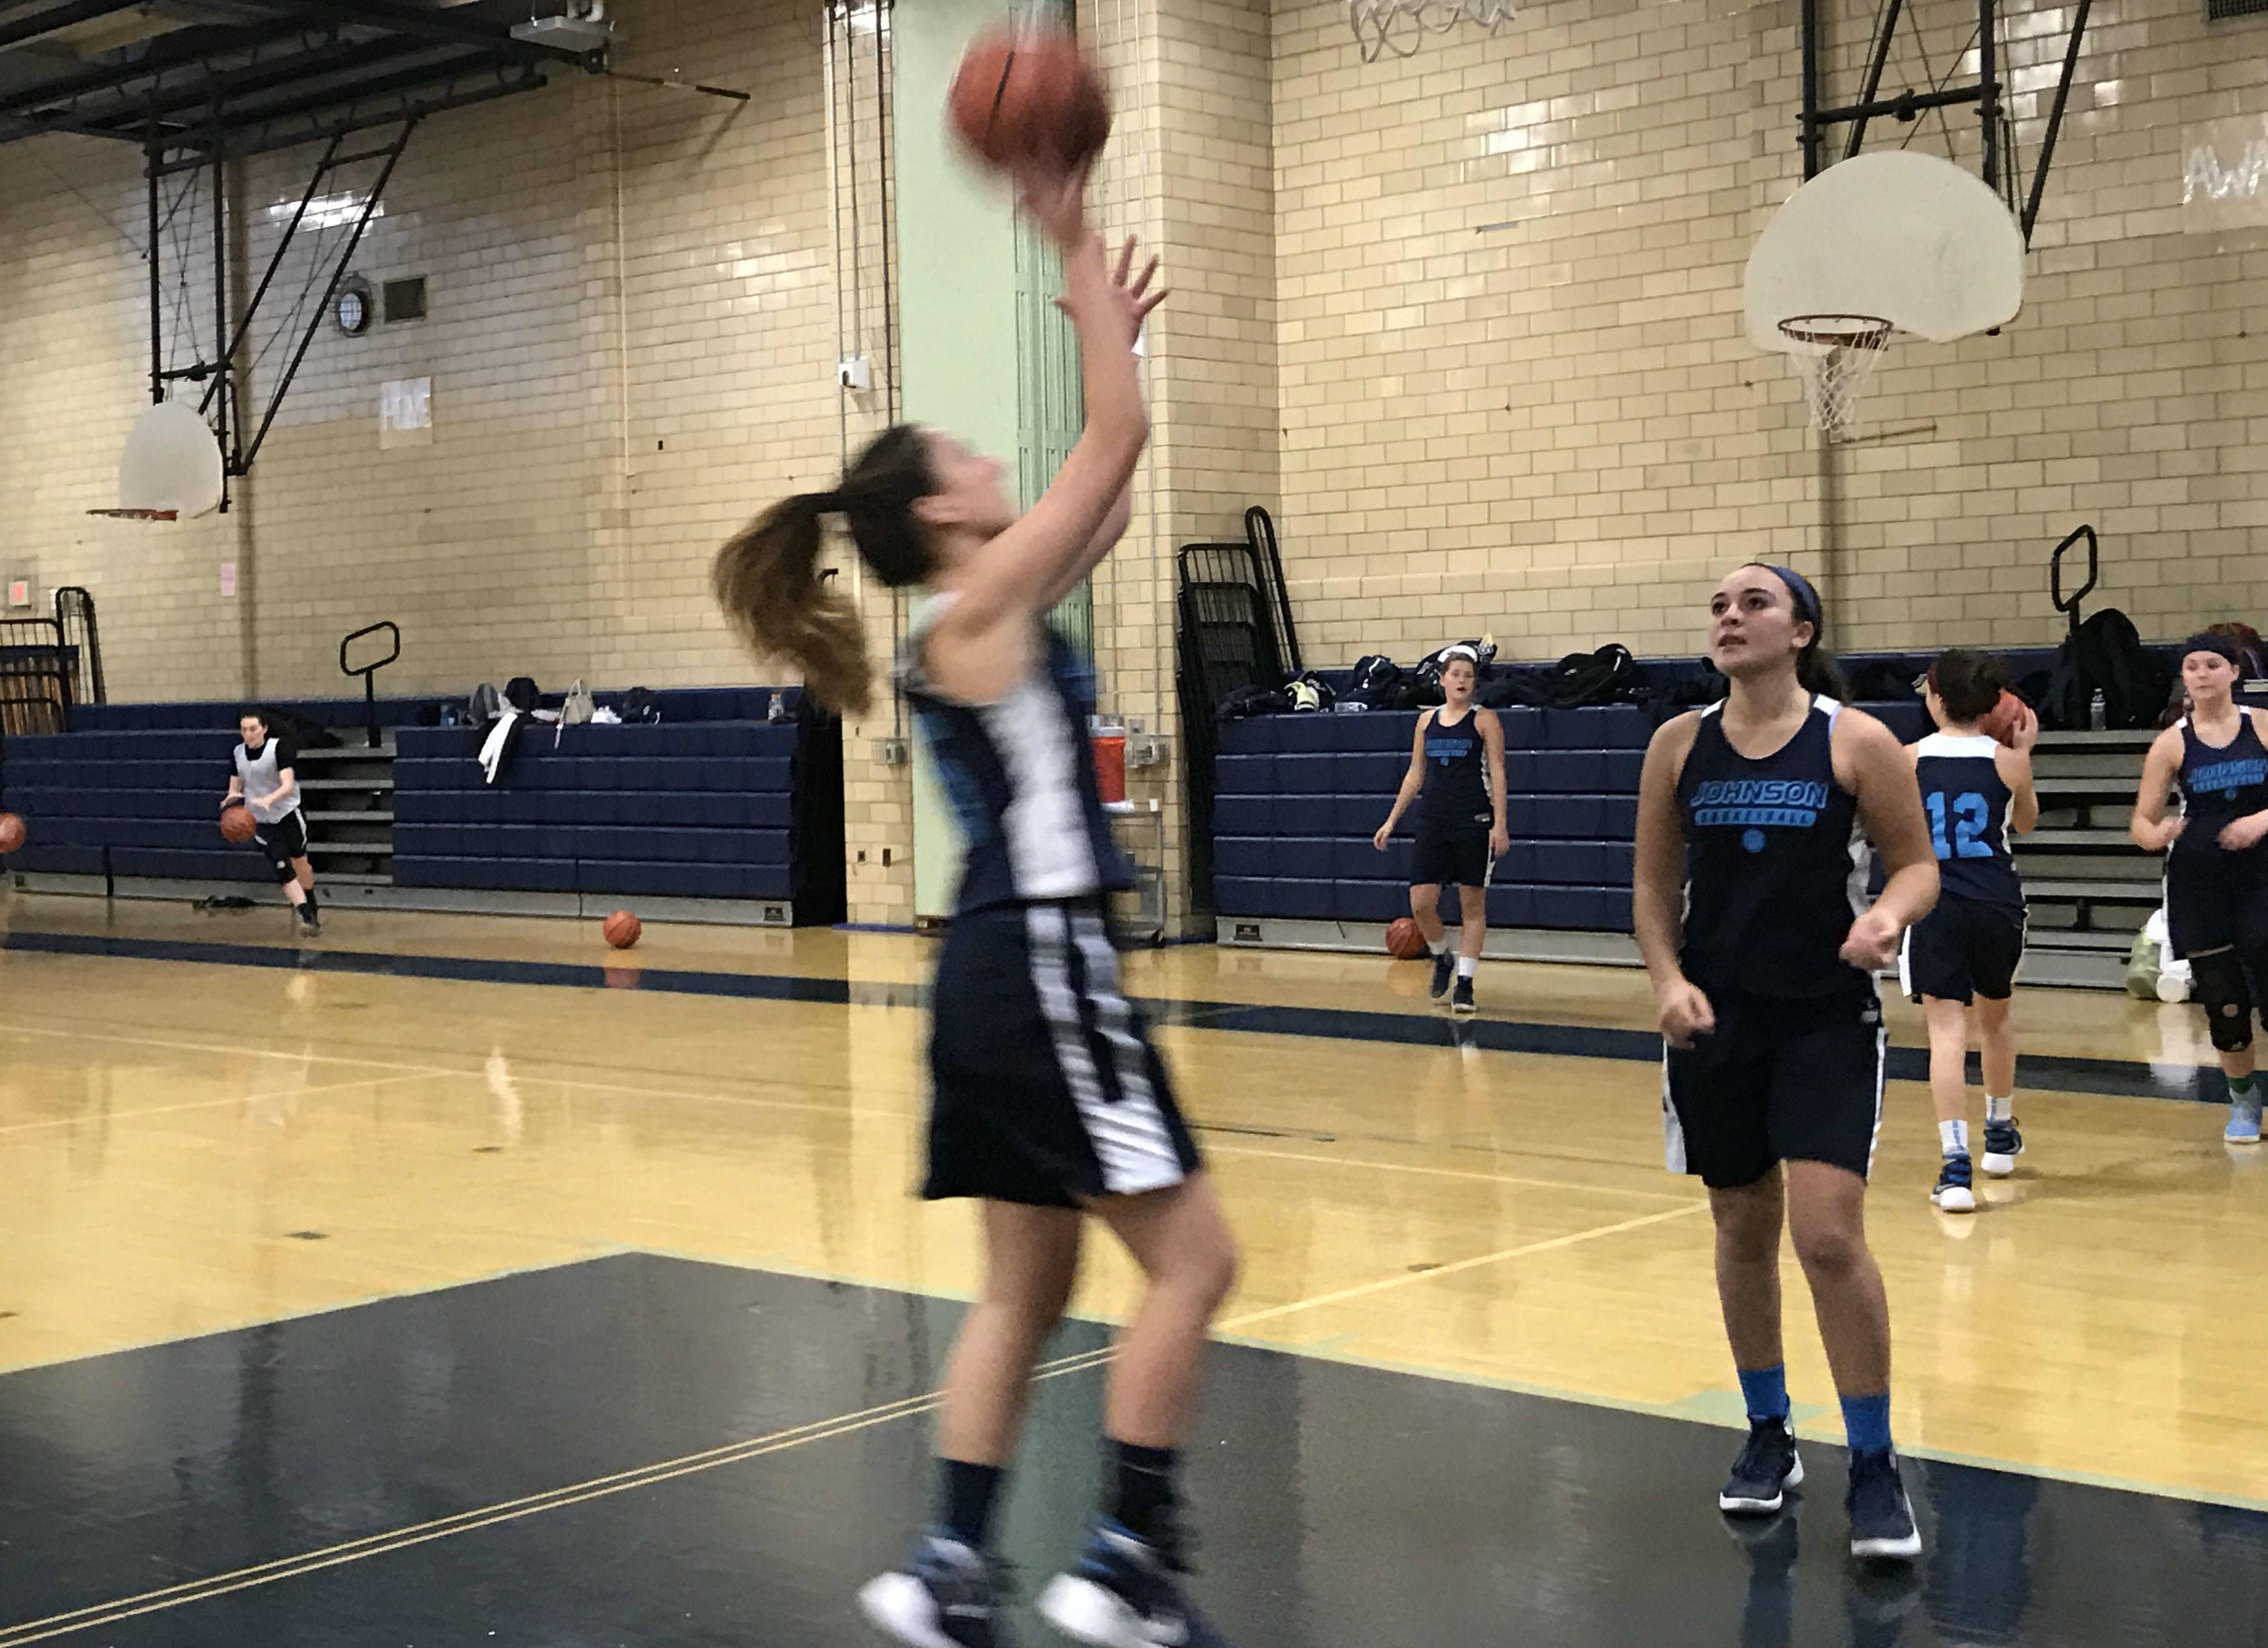 8e72d23142d25abb7ecf_ALJ_Girls_Varsity_Basketball_Preview__4.JPG